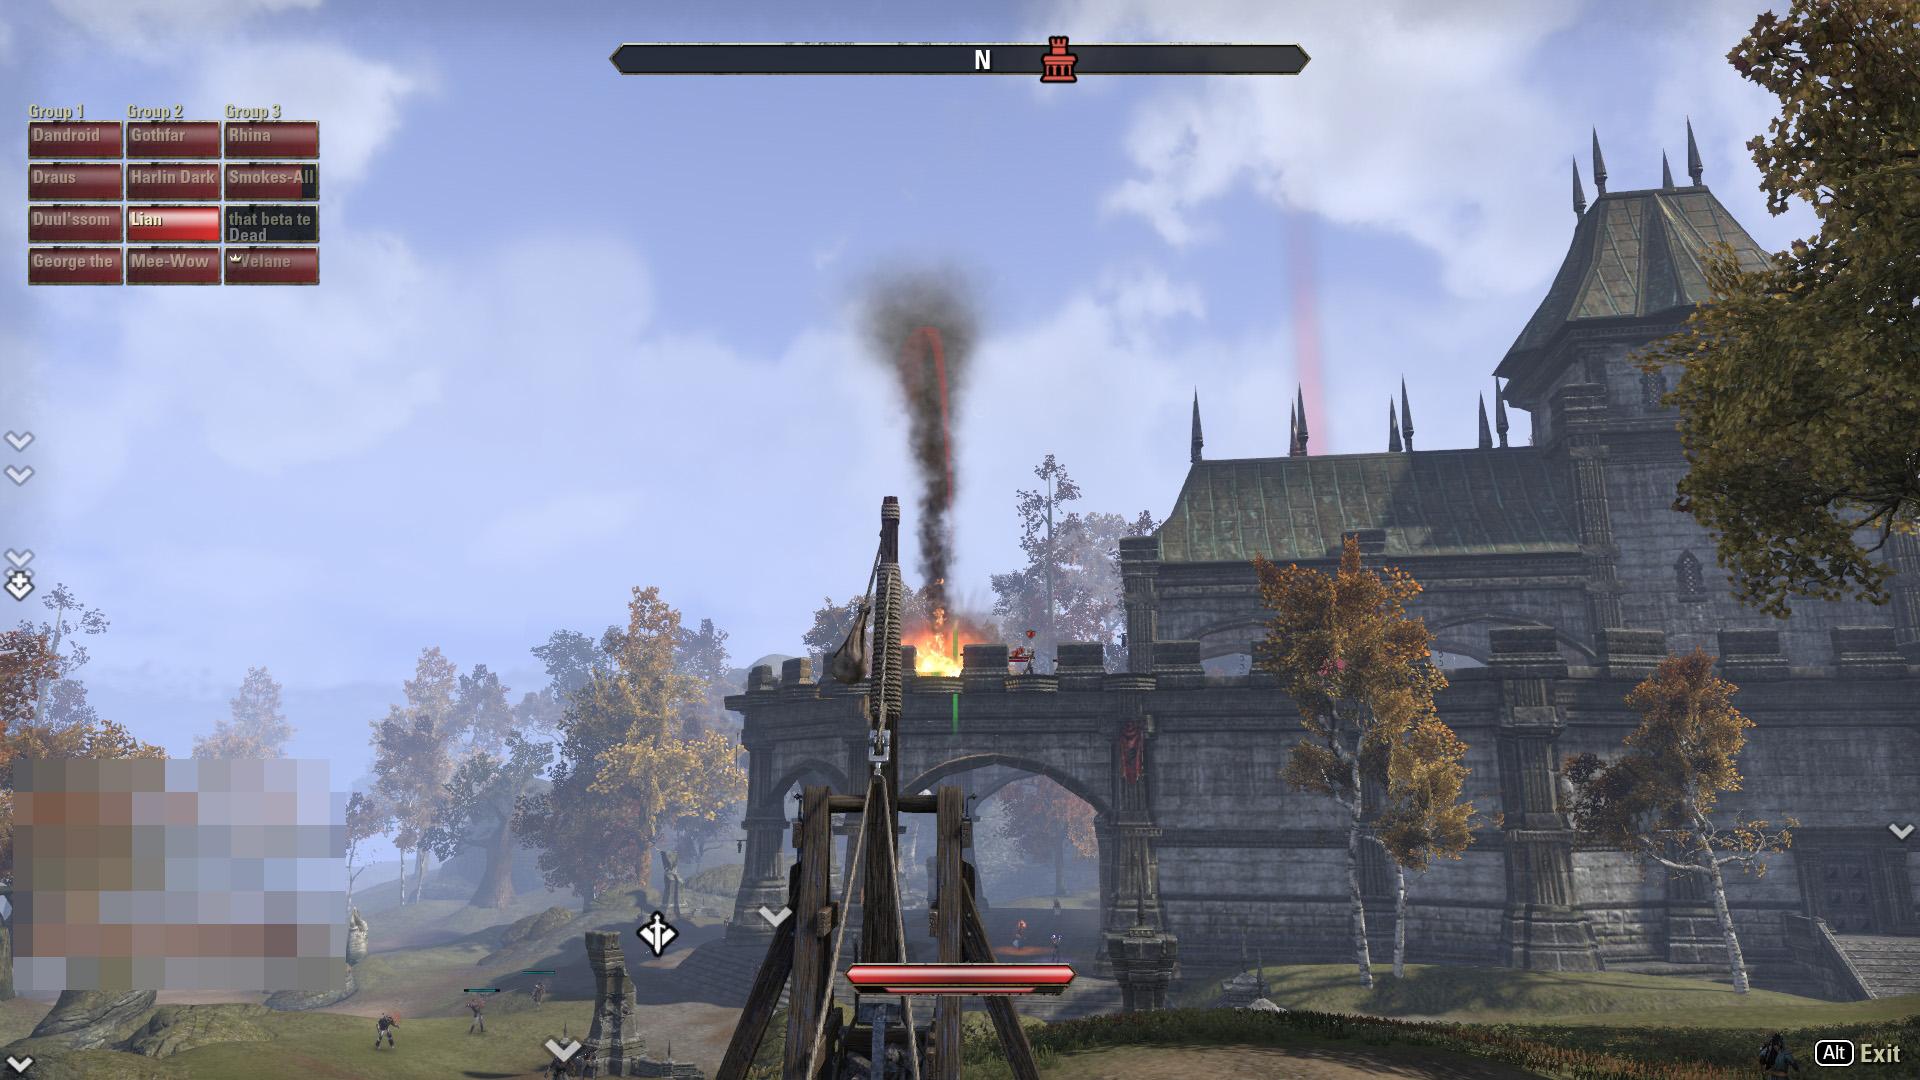 攻城兵器のカタパルトで燃える弾を発射する